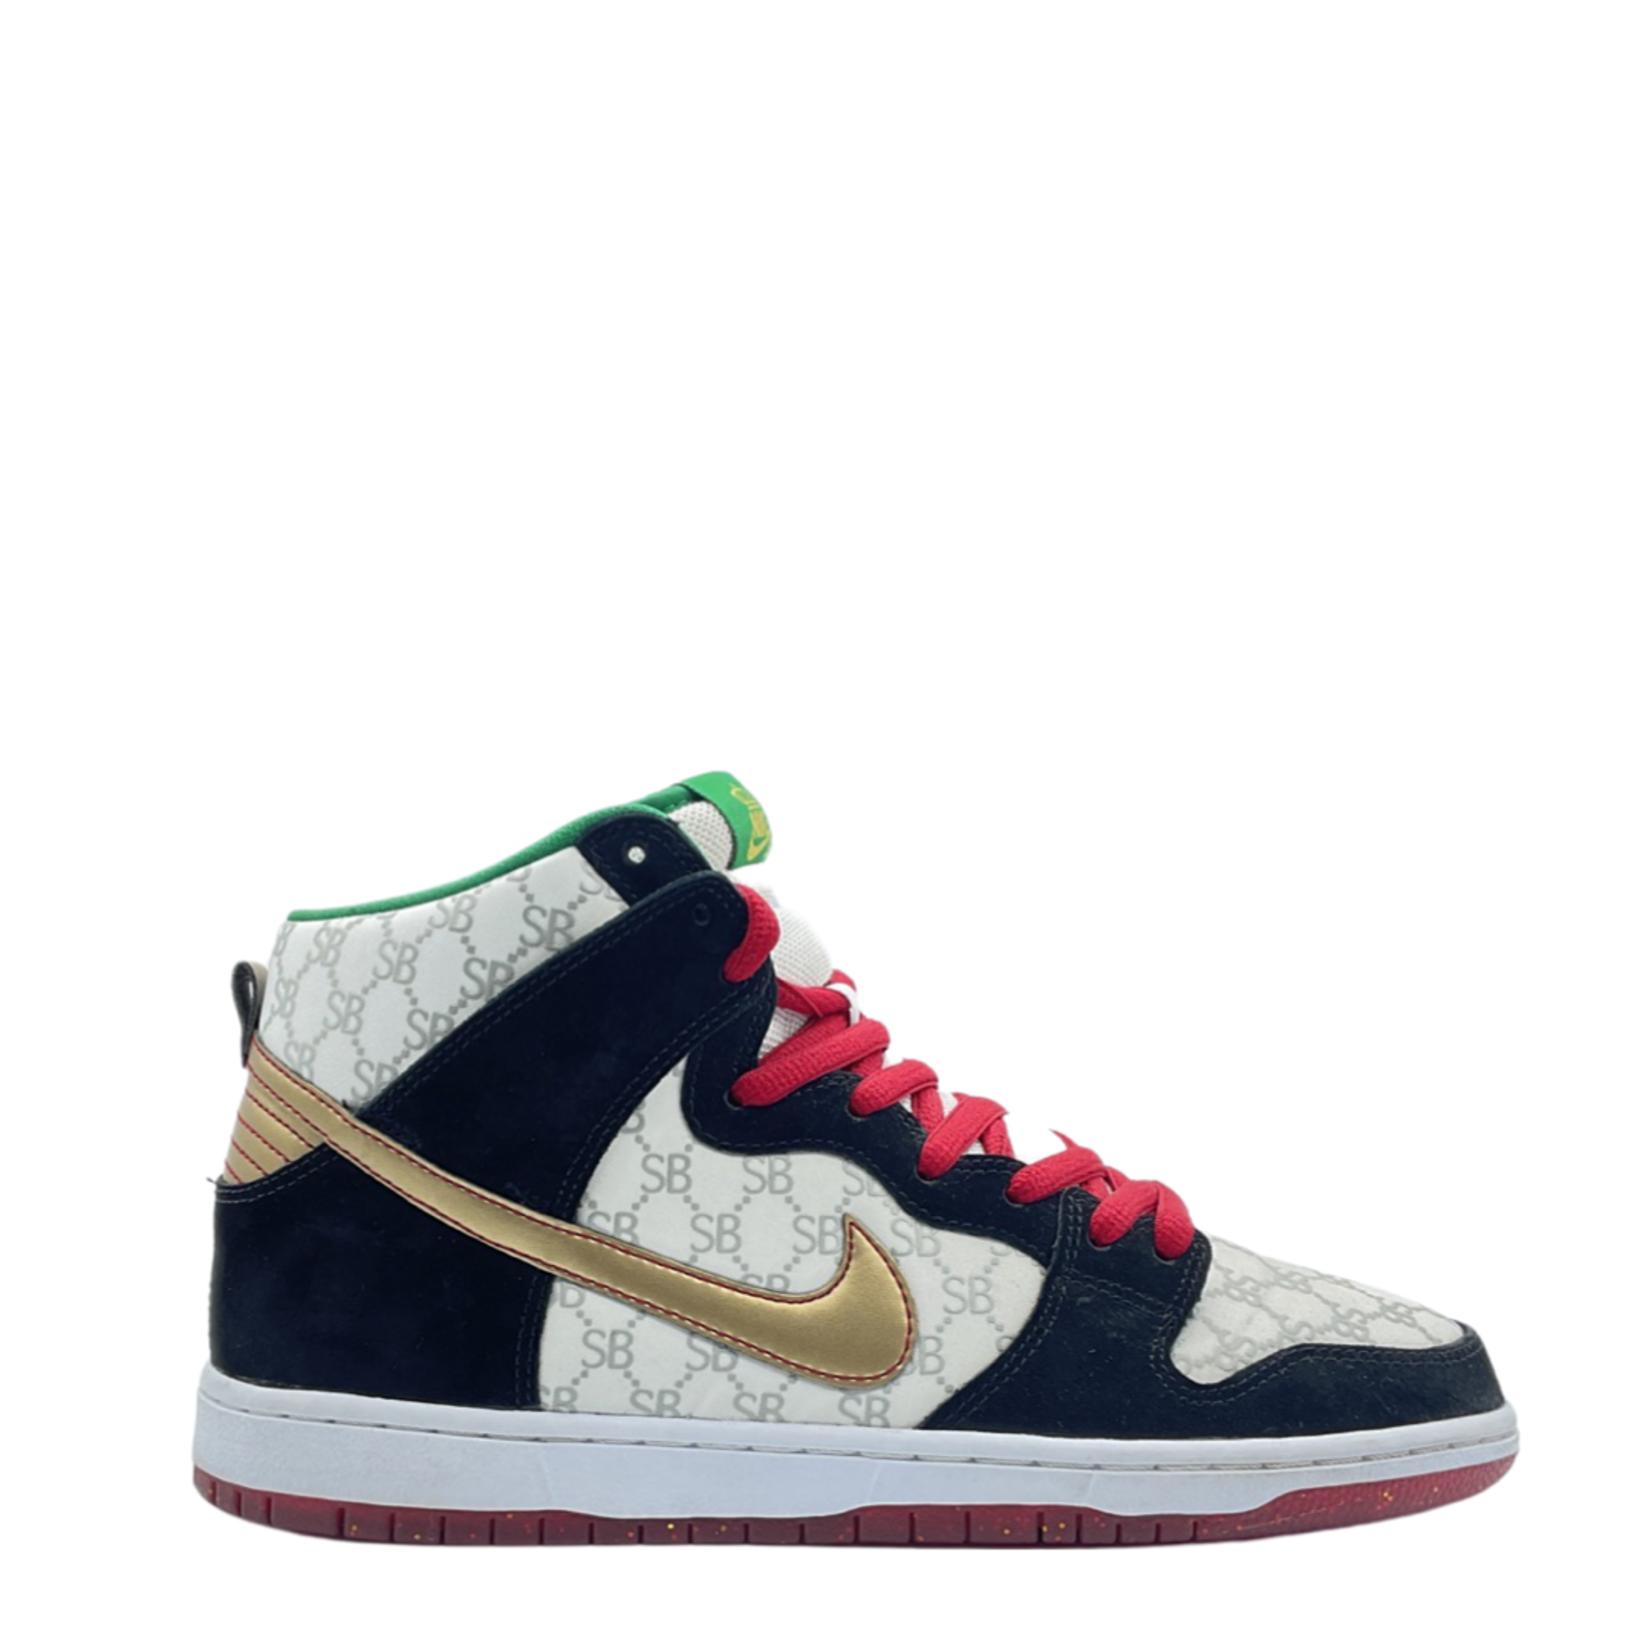 Nike Nike Dunk SB High Black Sheep Paid in Full